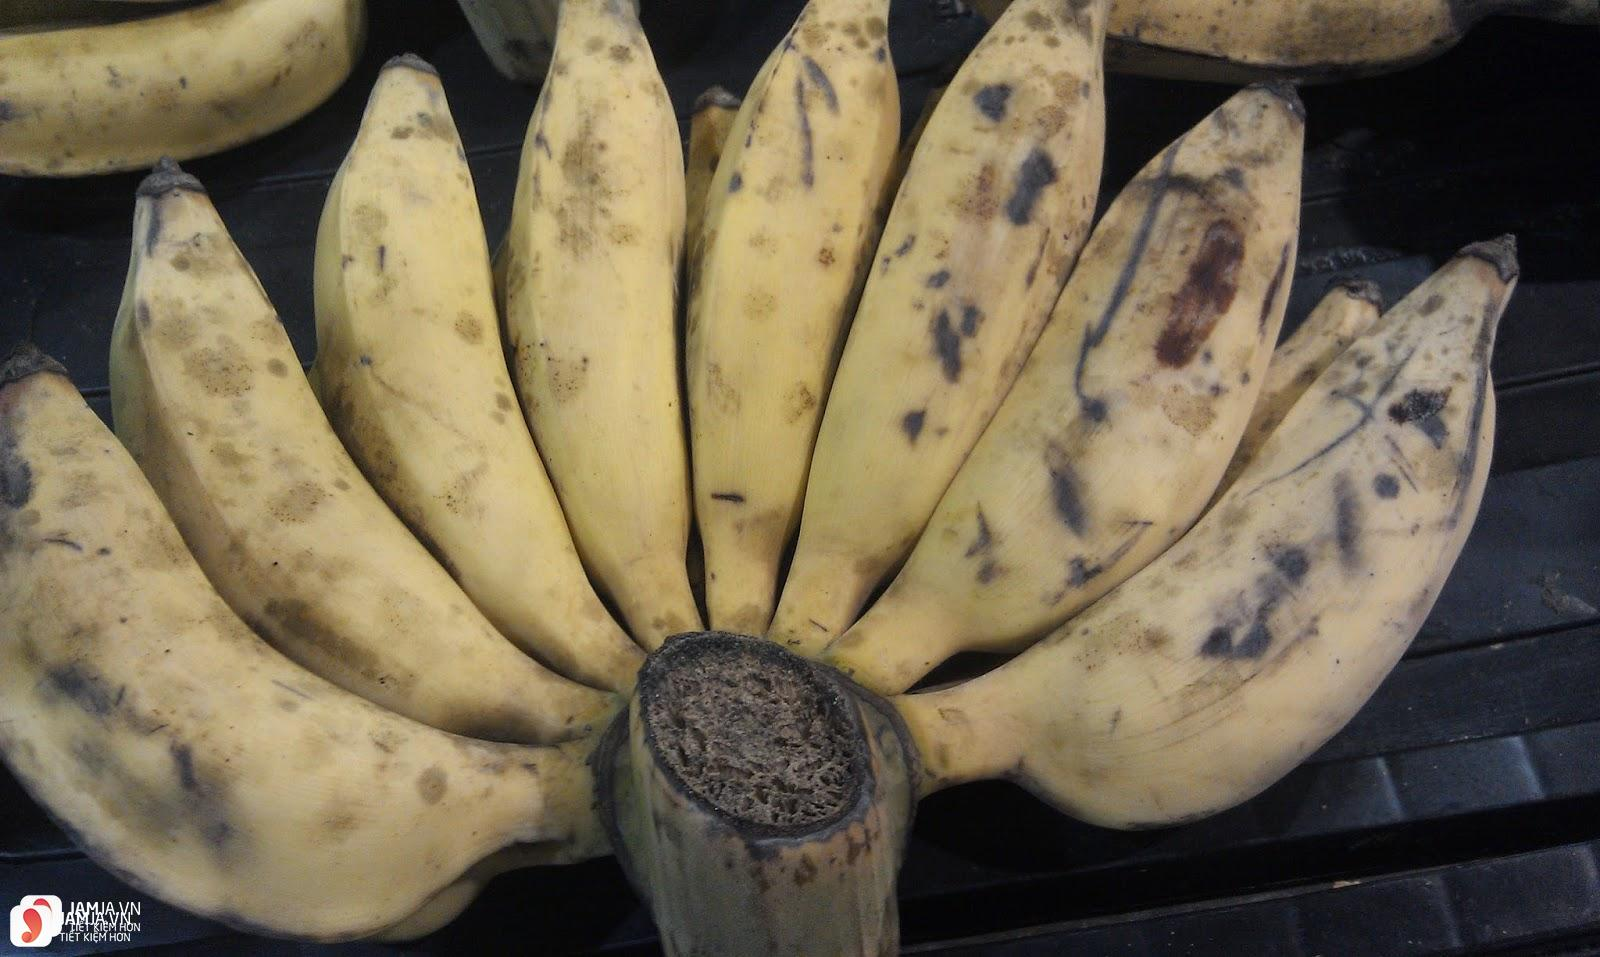 Cách làm món bánh hoa quả chiên với bột mì 1